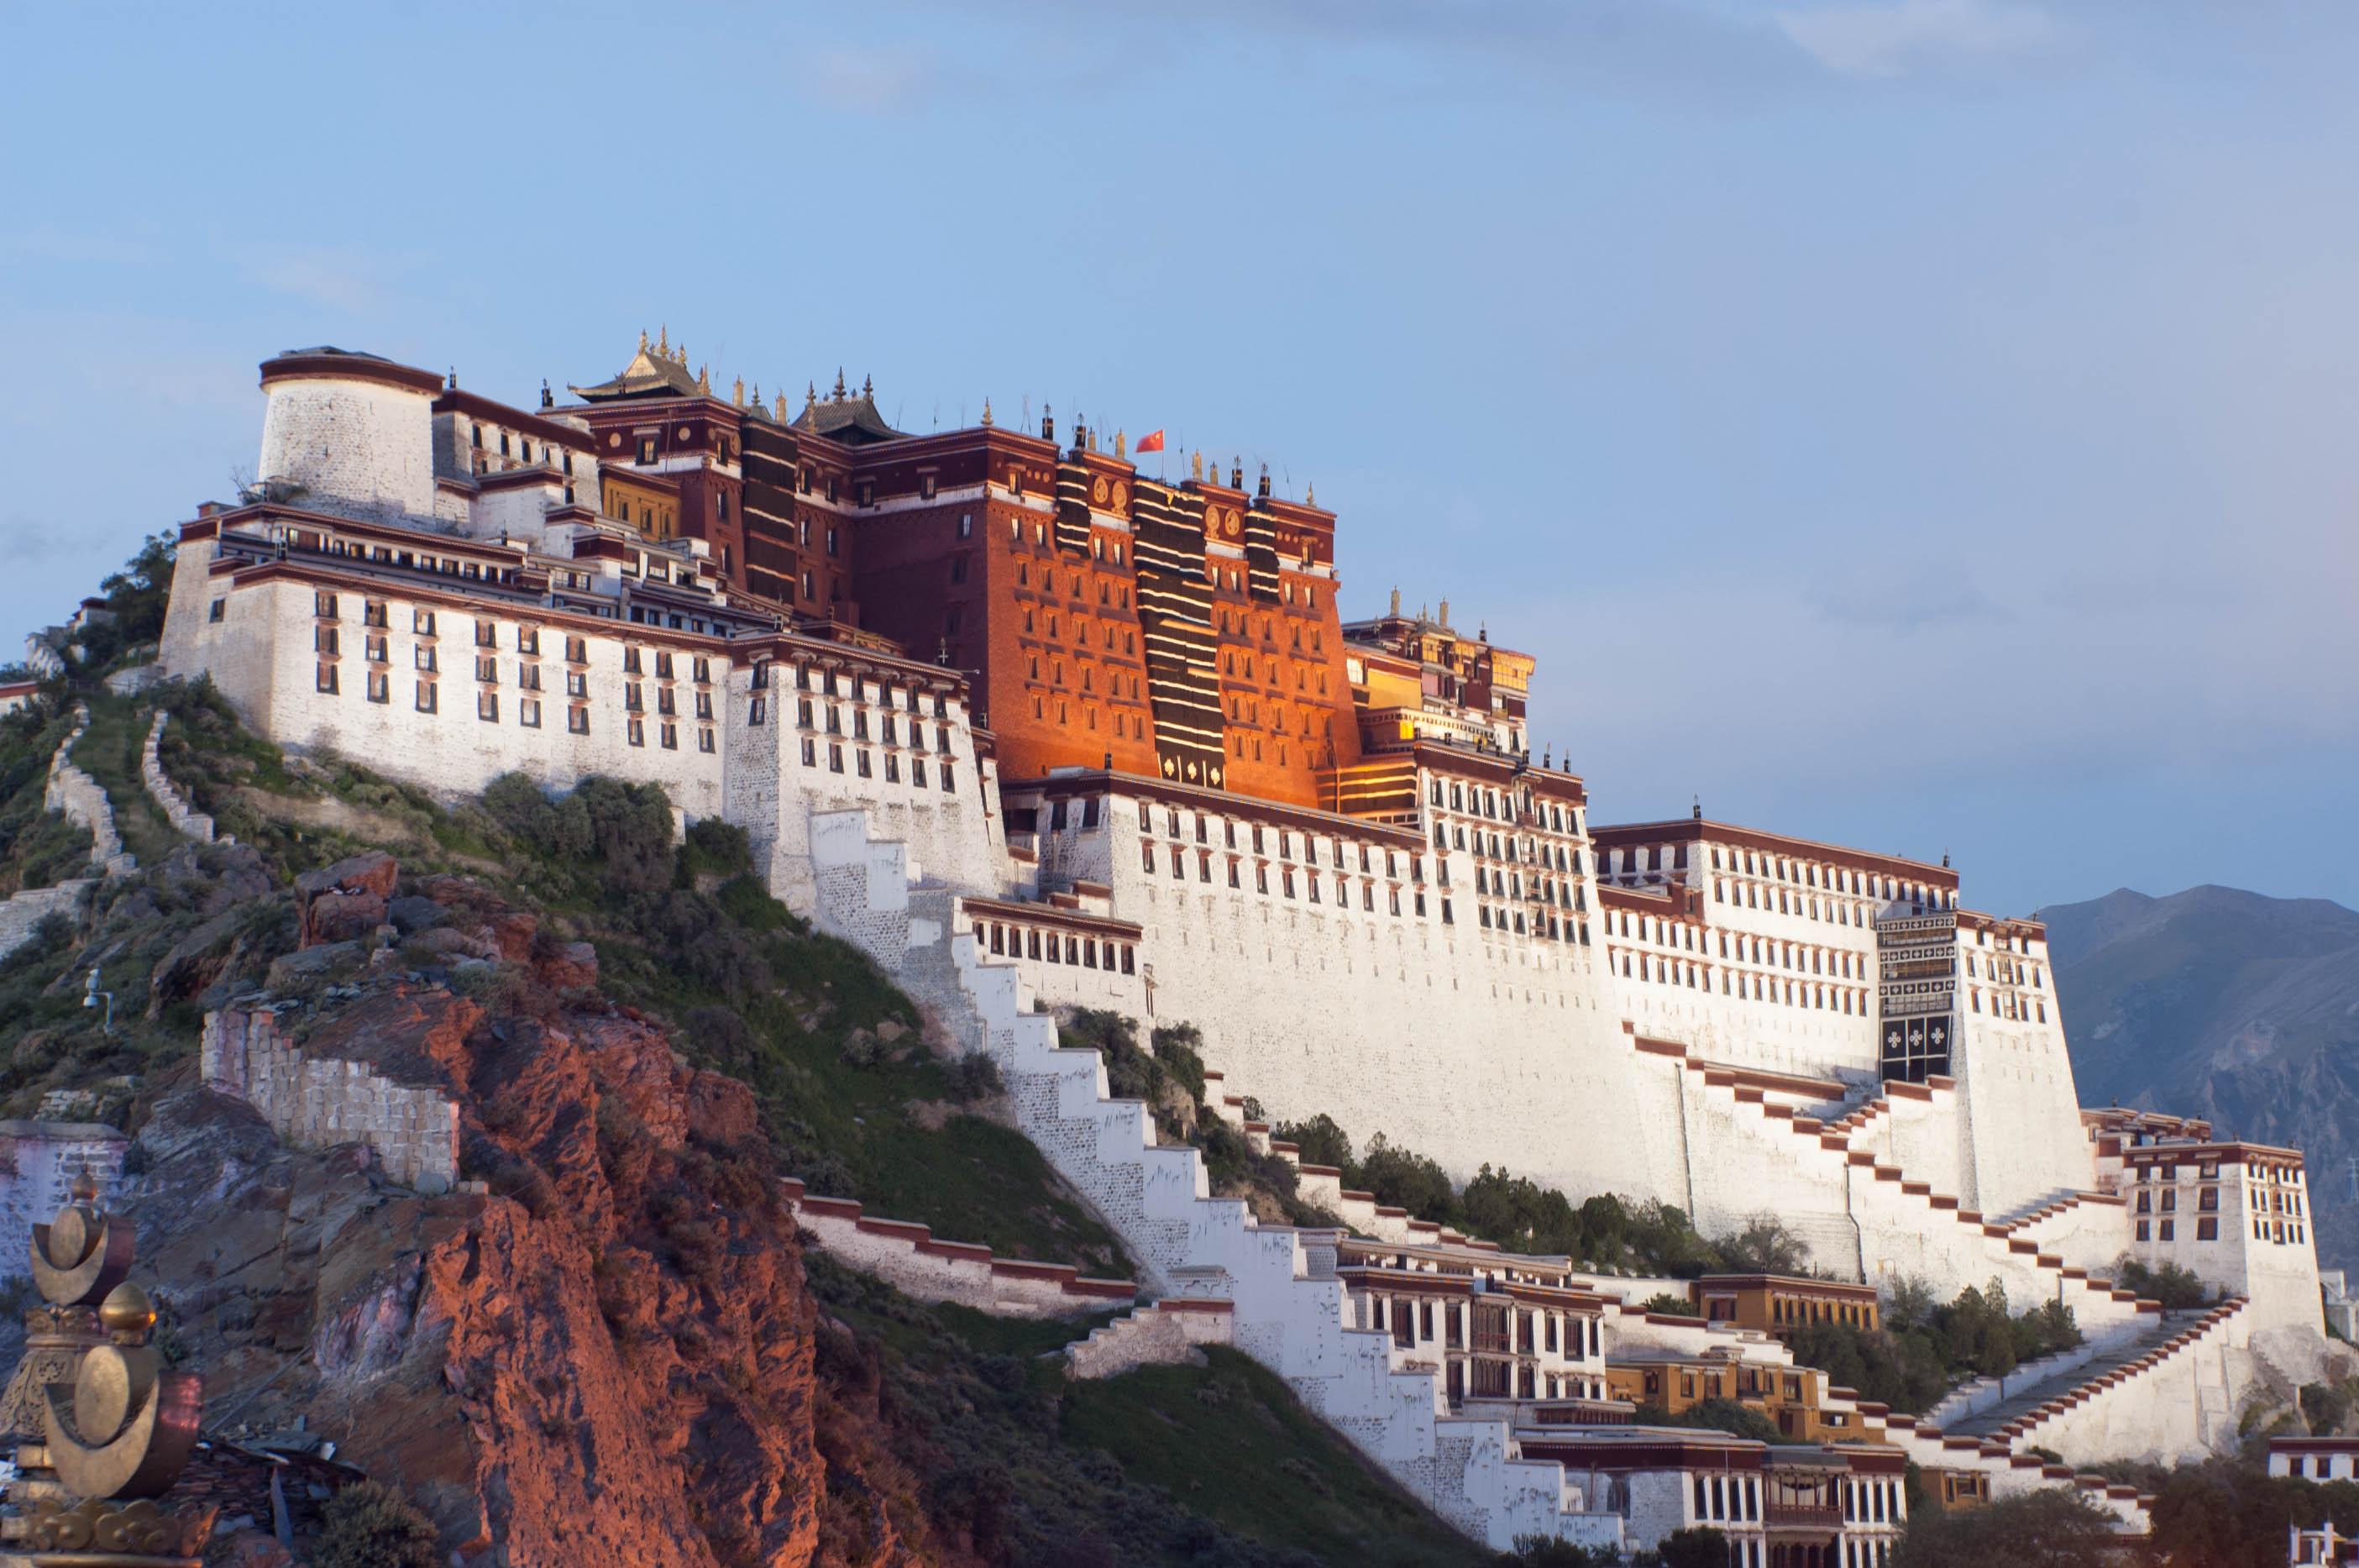 अमेरिकाले तिब्बतमा हस्तक्षेप गरिरहेको चीनको आरोप